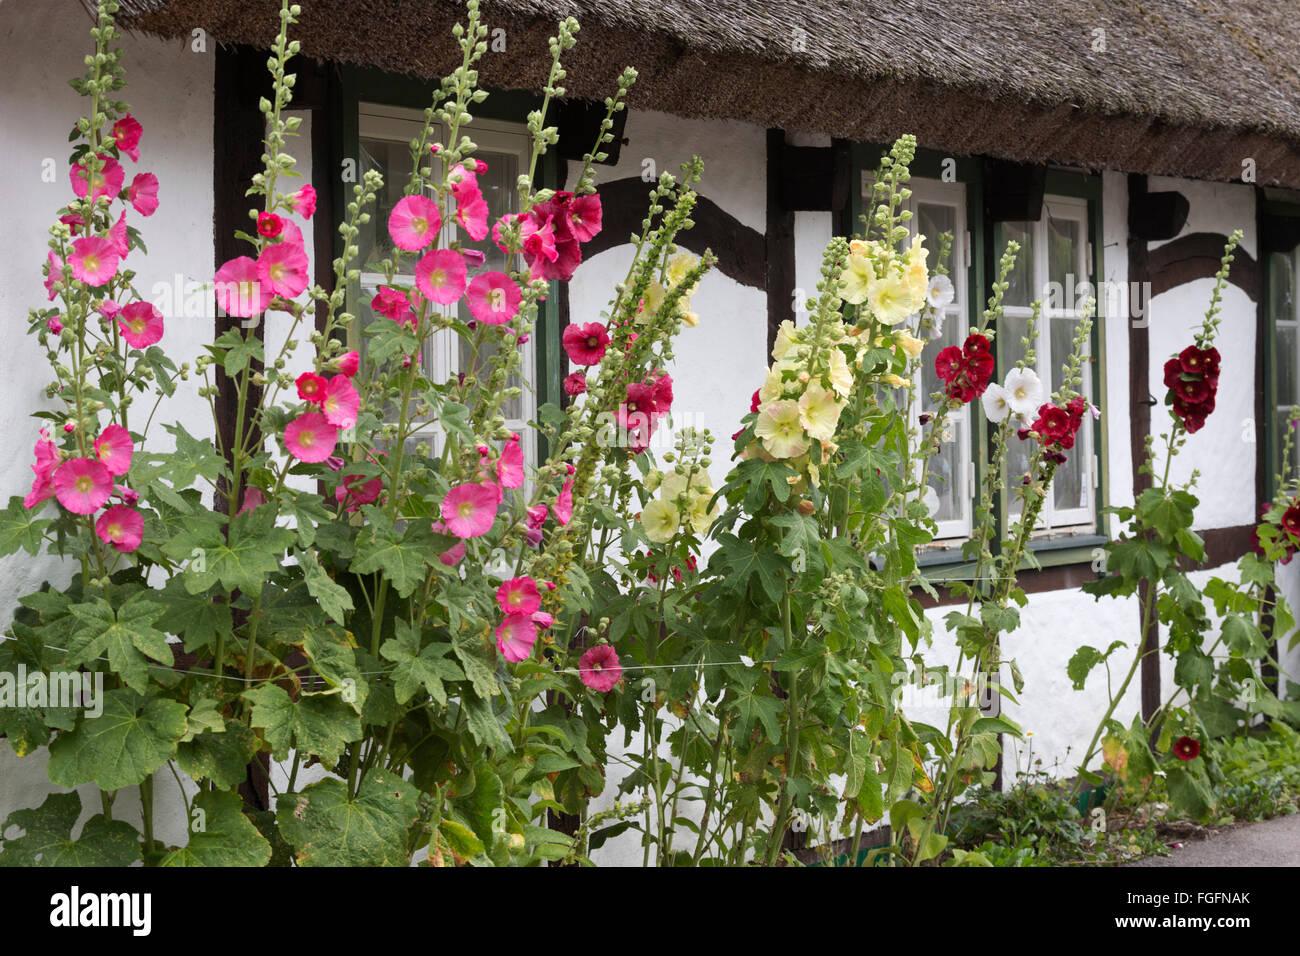 Stockrosen vor traditionelle schwedische strohgedeckten Hütte, Arild, Kulla-Halbinsel, Skåne, Südschweden, Stockbild